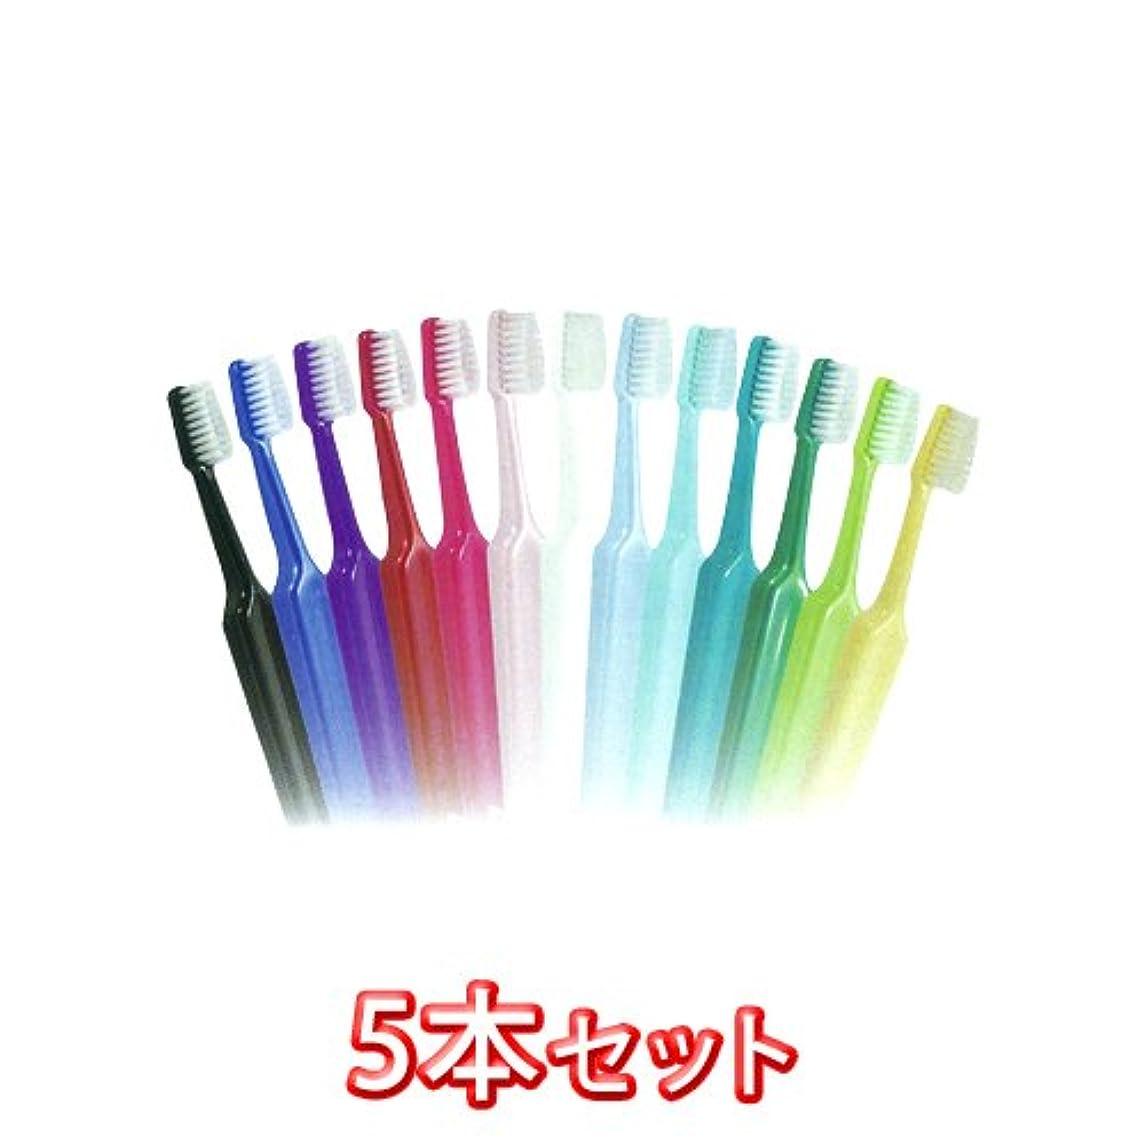 保持最小化する覚えているクロスフィールド TePe テペ セレクトミニ 歯ブラシ× 5本入 ソフト